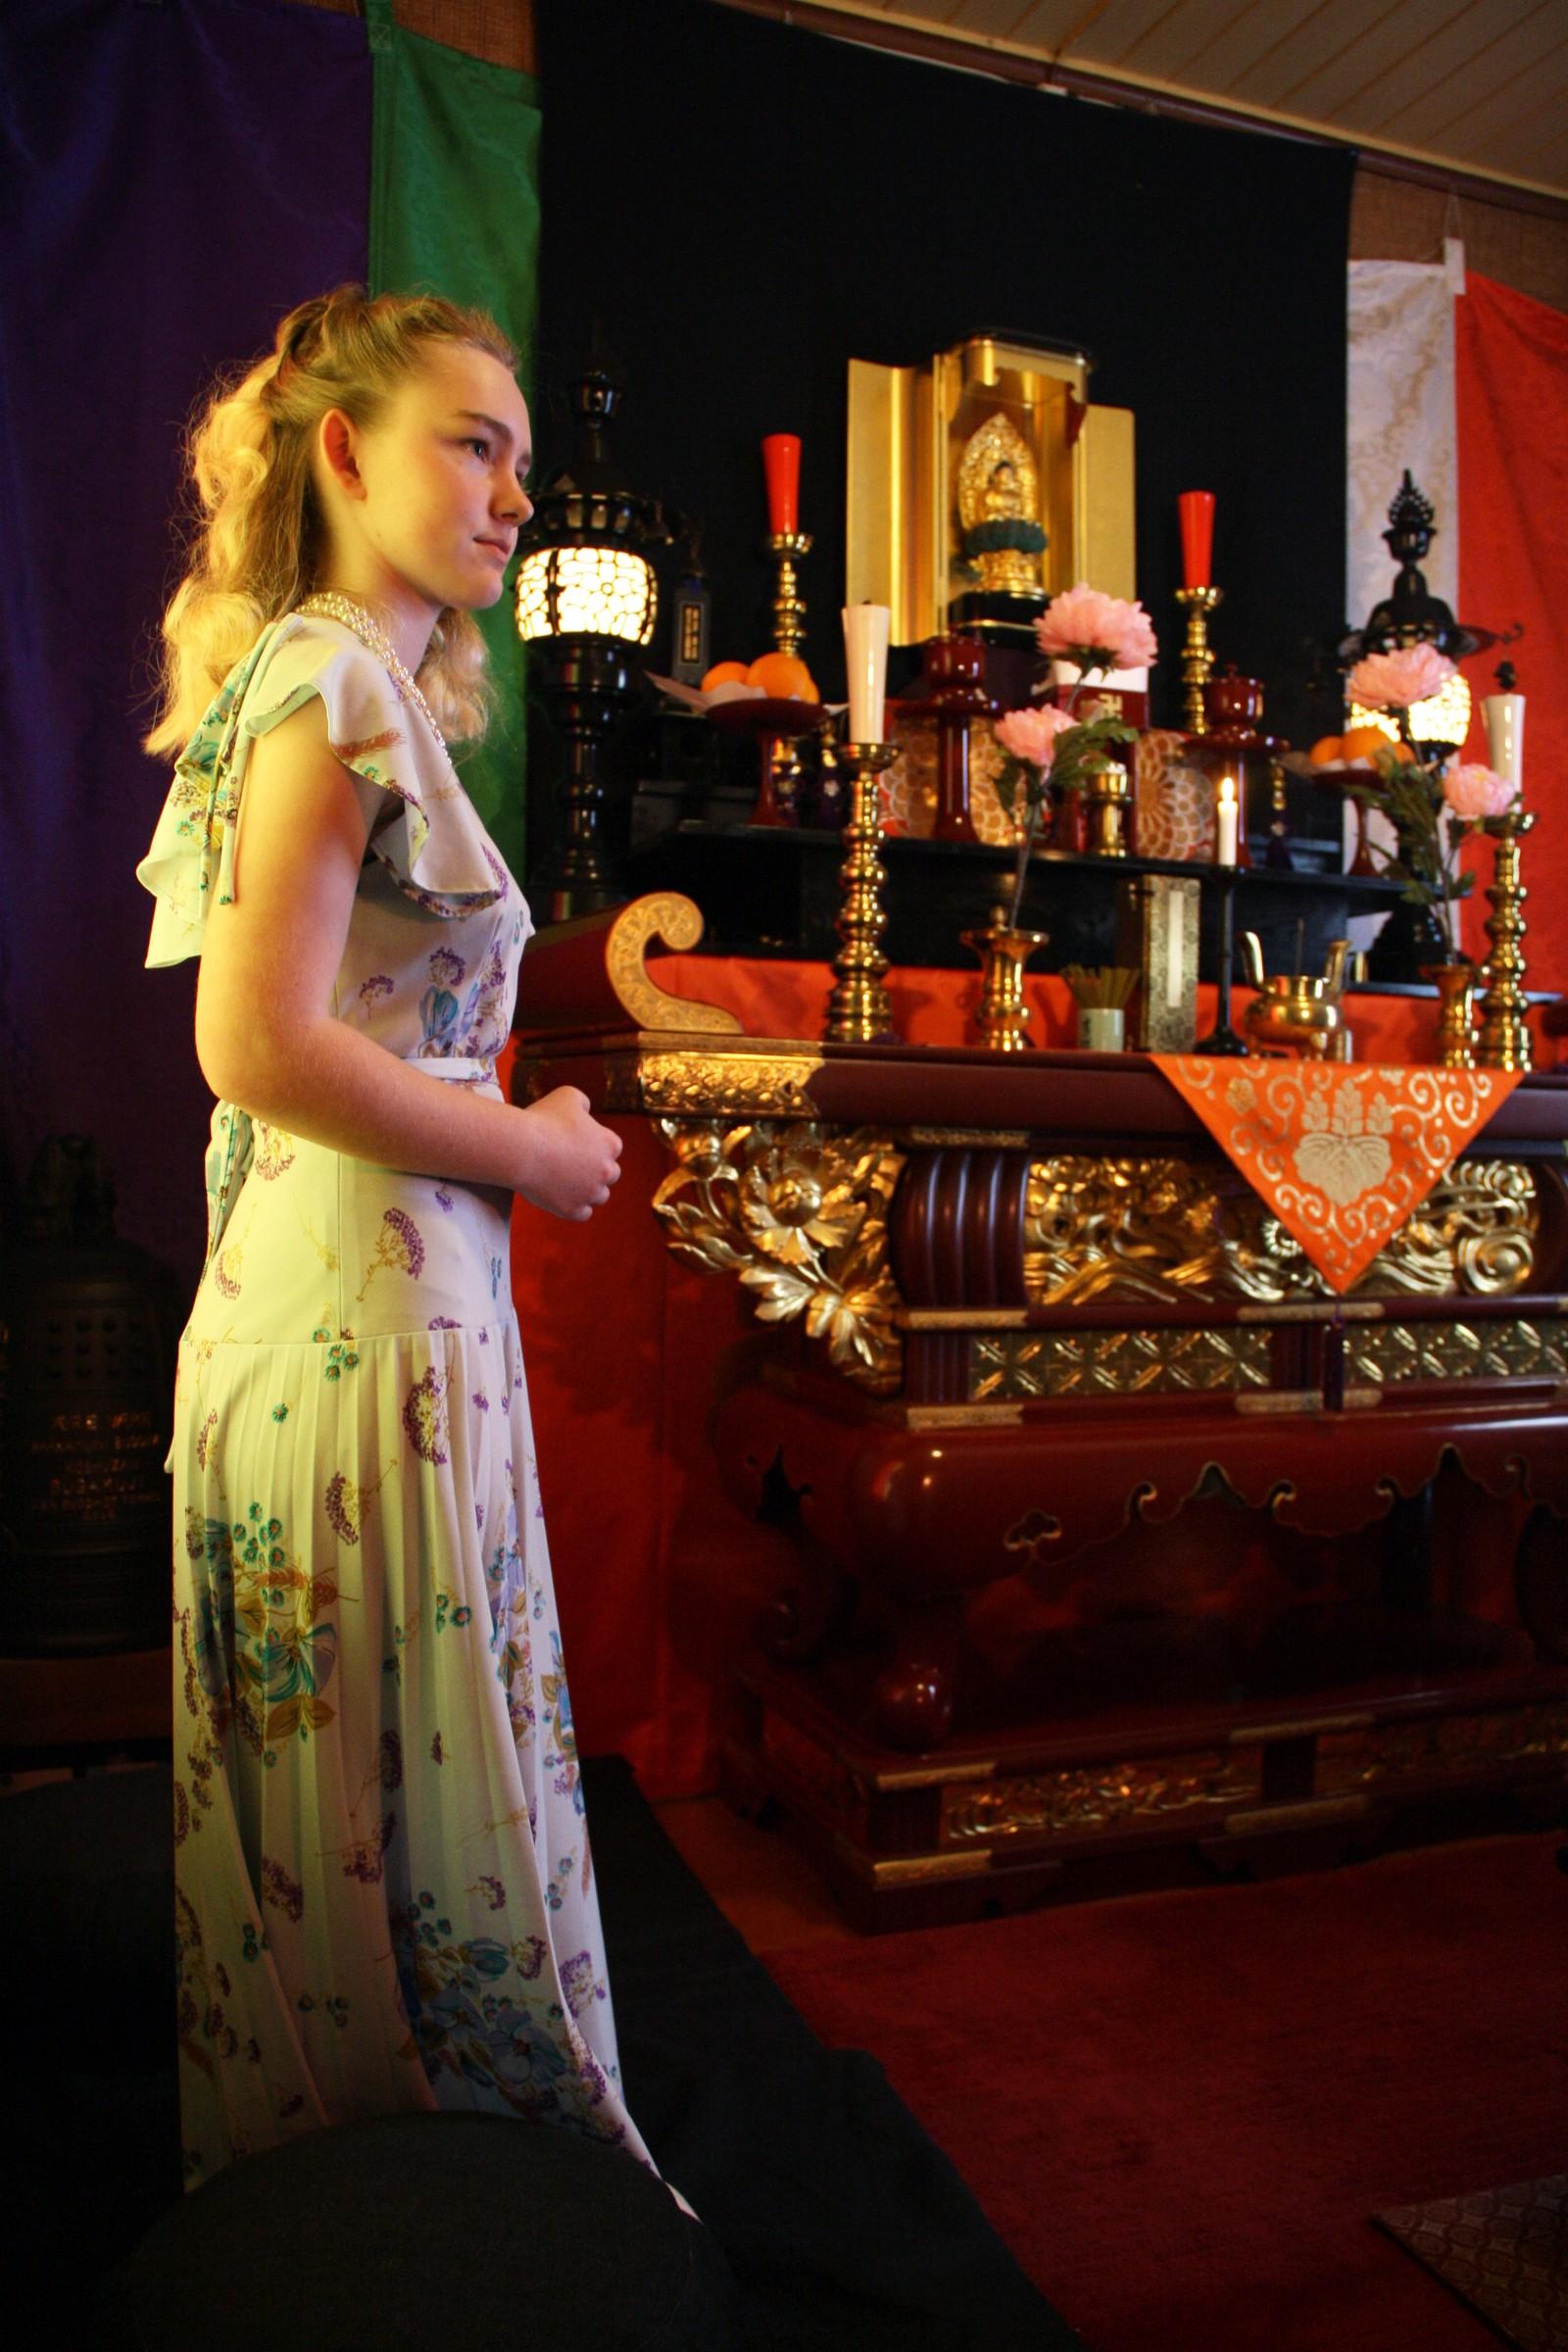 Thea Maria Karlsen foran alteret hvor hun skal konfirmere seg 30.april 2016.